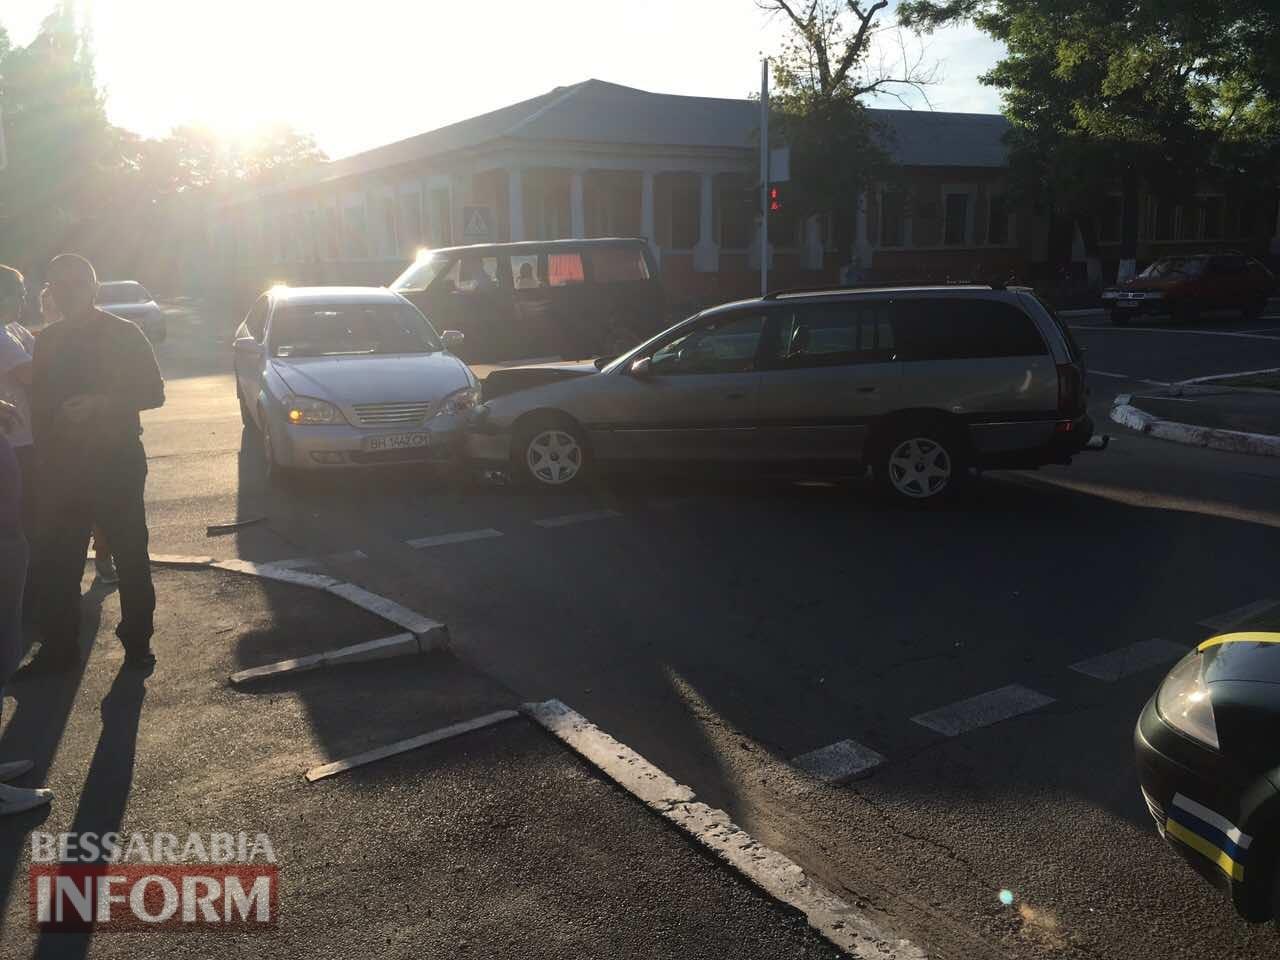 5925bafe36111_346346 В Измаиле яркий закат солнца и невнимательность водителя спровоцировали ДТП